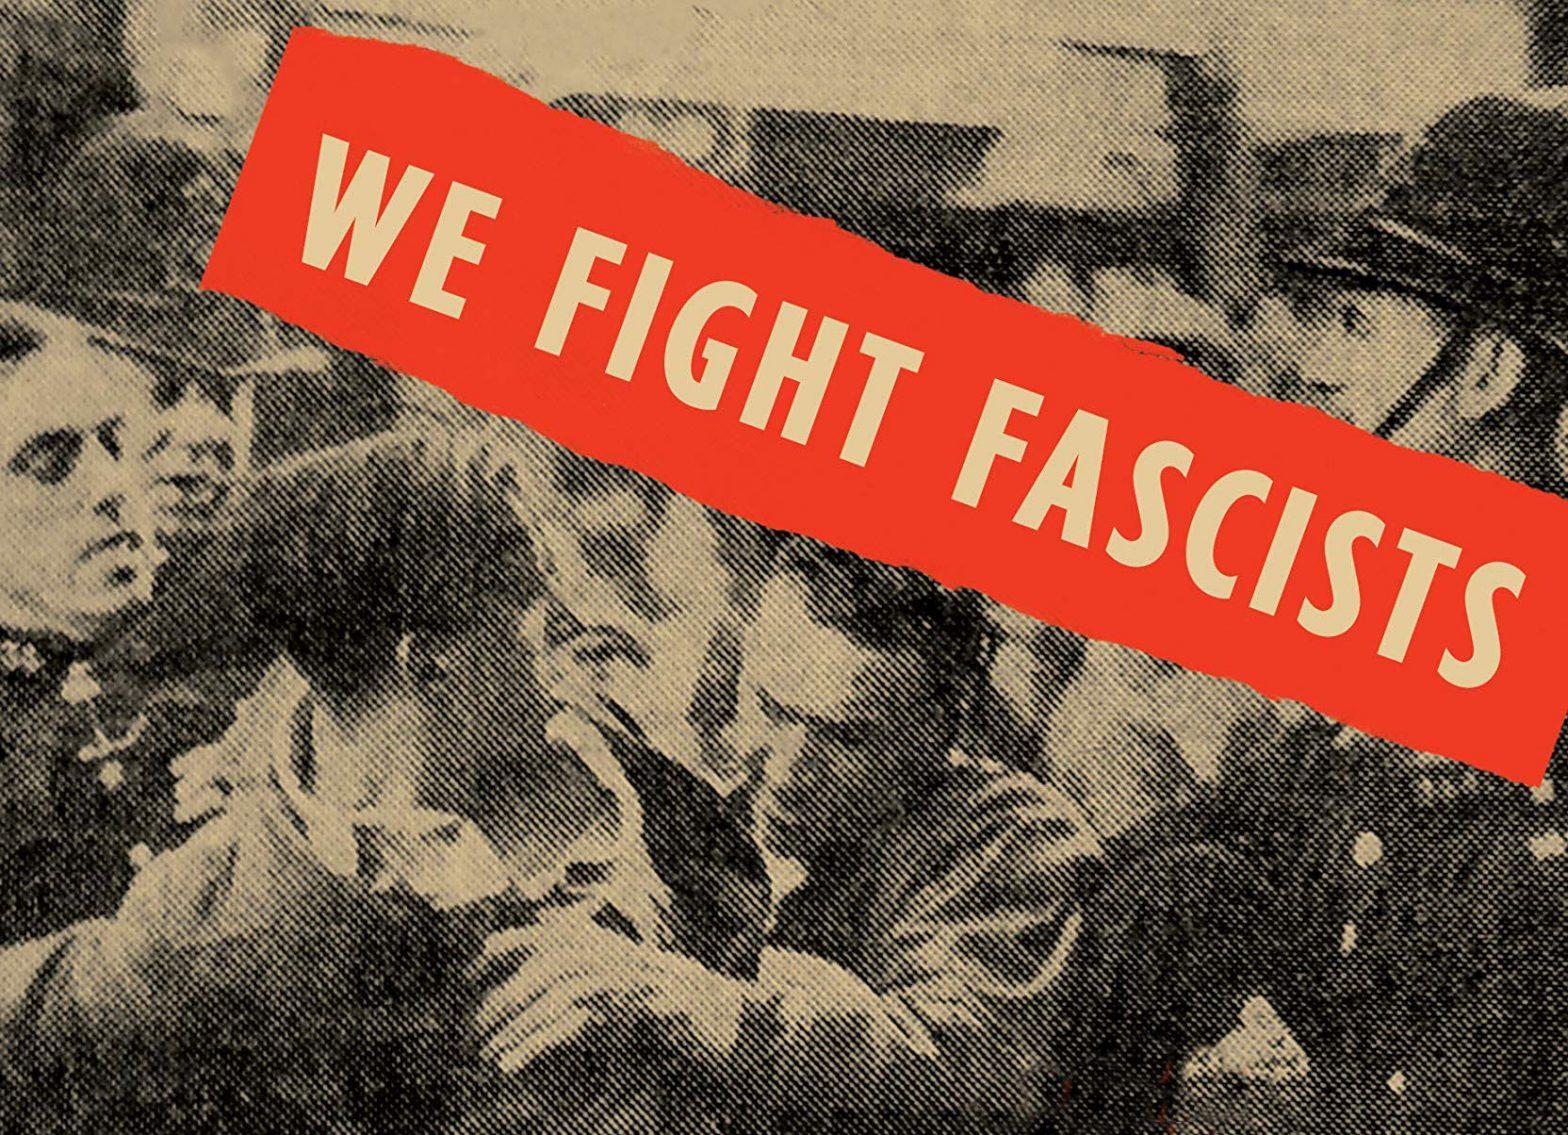 Punching Postwar Nazis